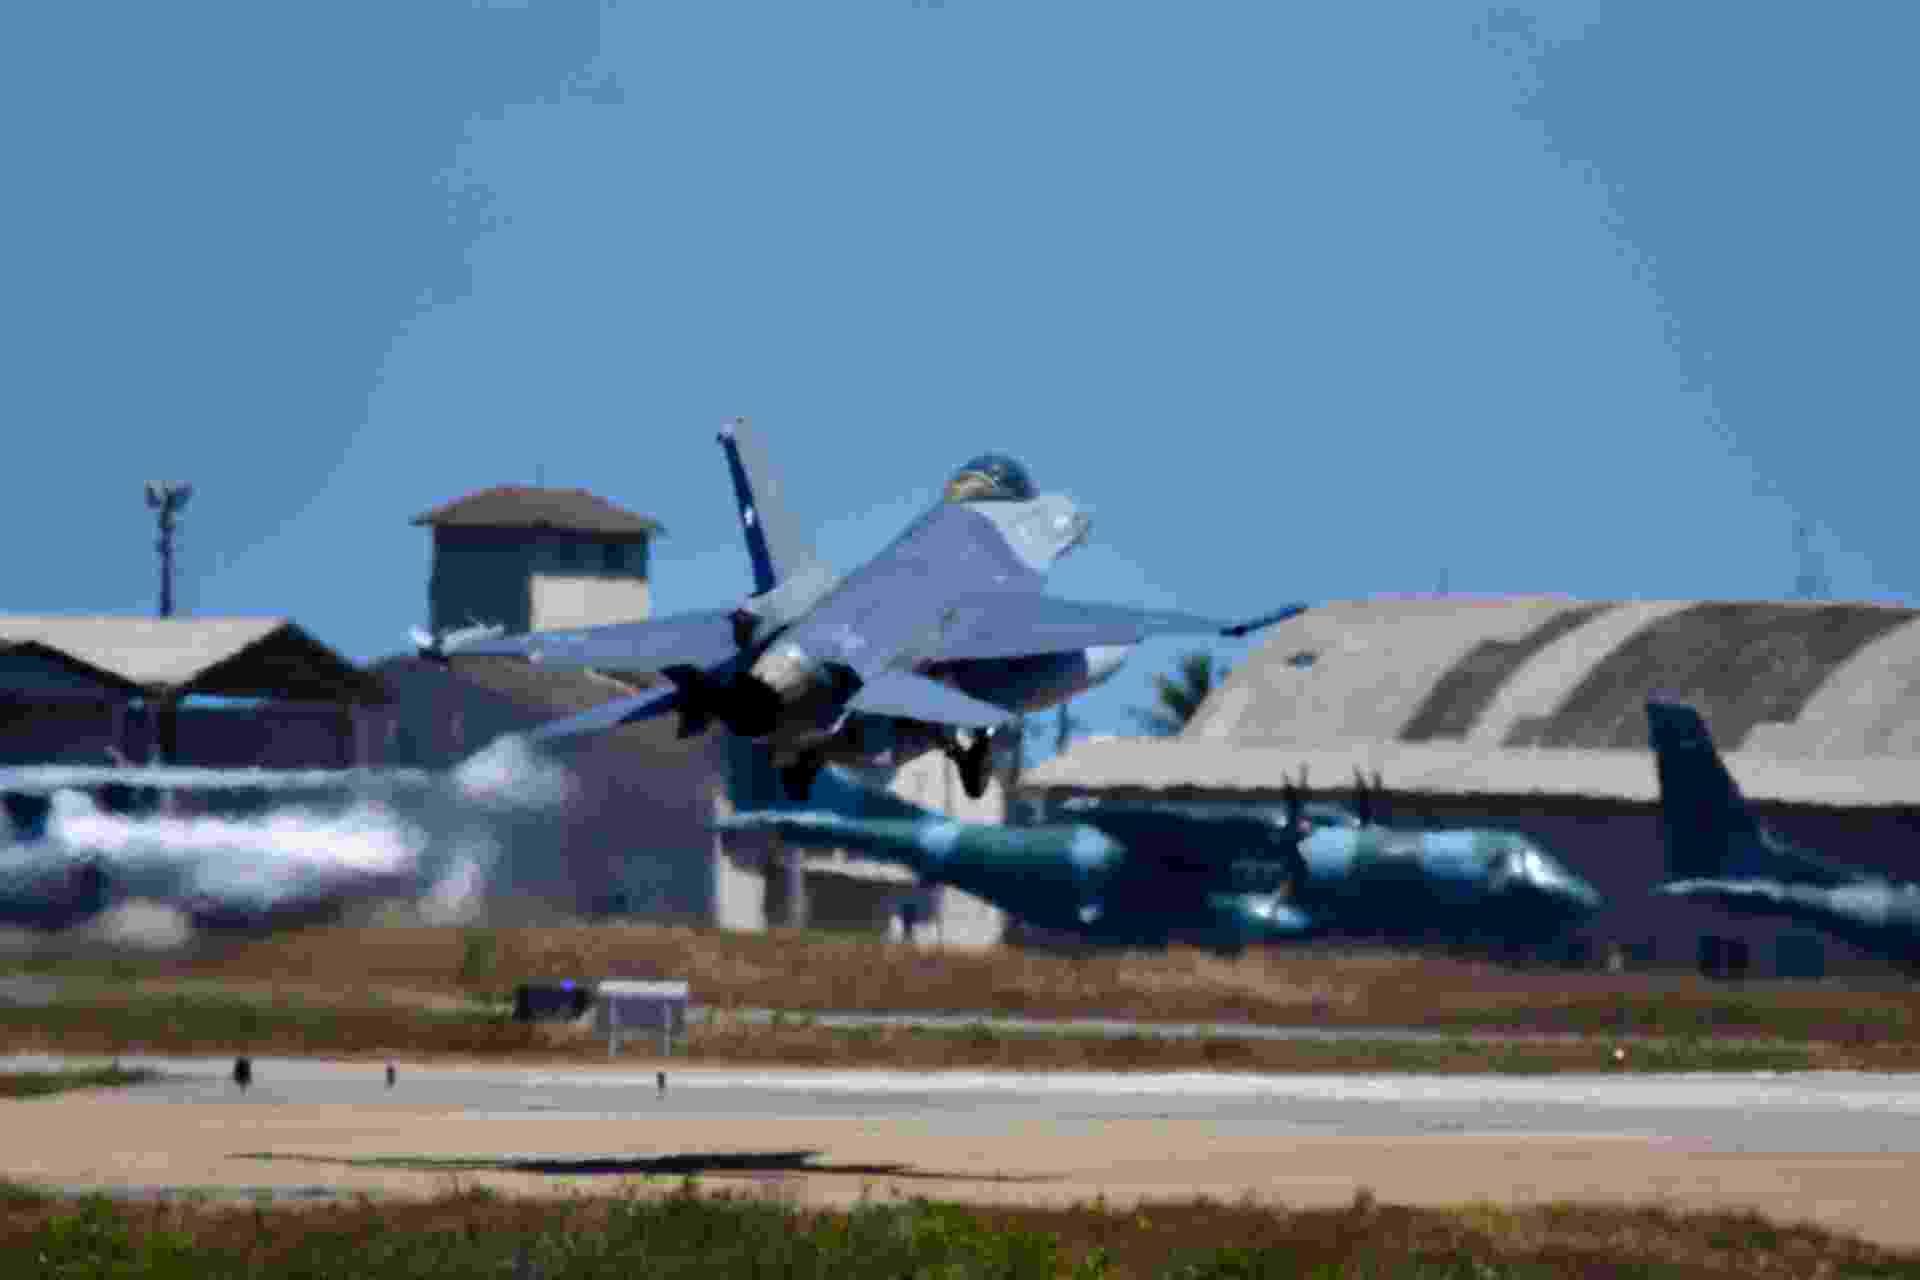 Avião americano decola de base aérea em Natal durante exercício internacional - VITORINO JUNIOR/PHOTOPRESS